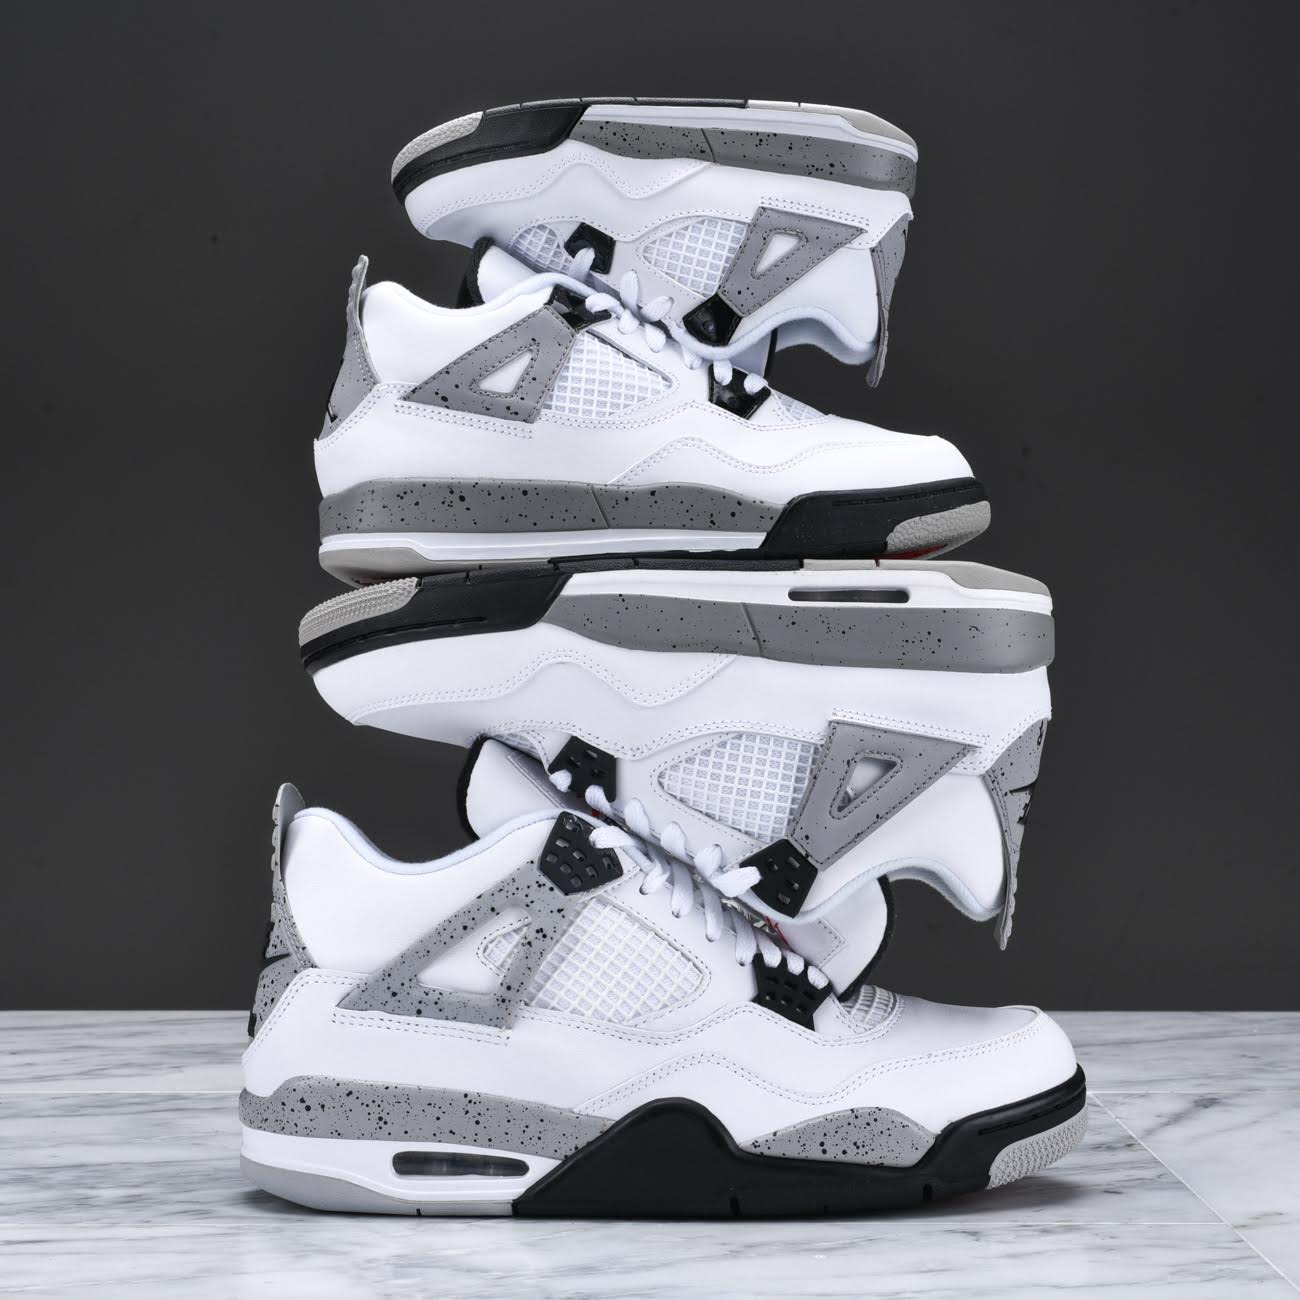 Nike Air Jordan 4 Cemento Blanco 2016 Elección Presidencial Ou5U4